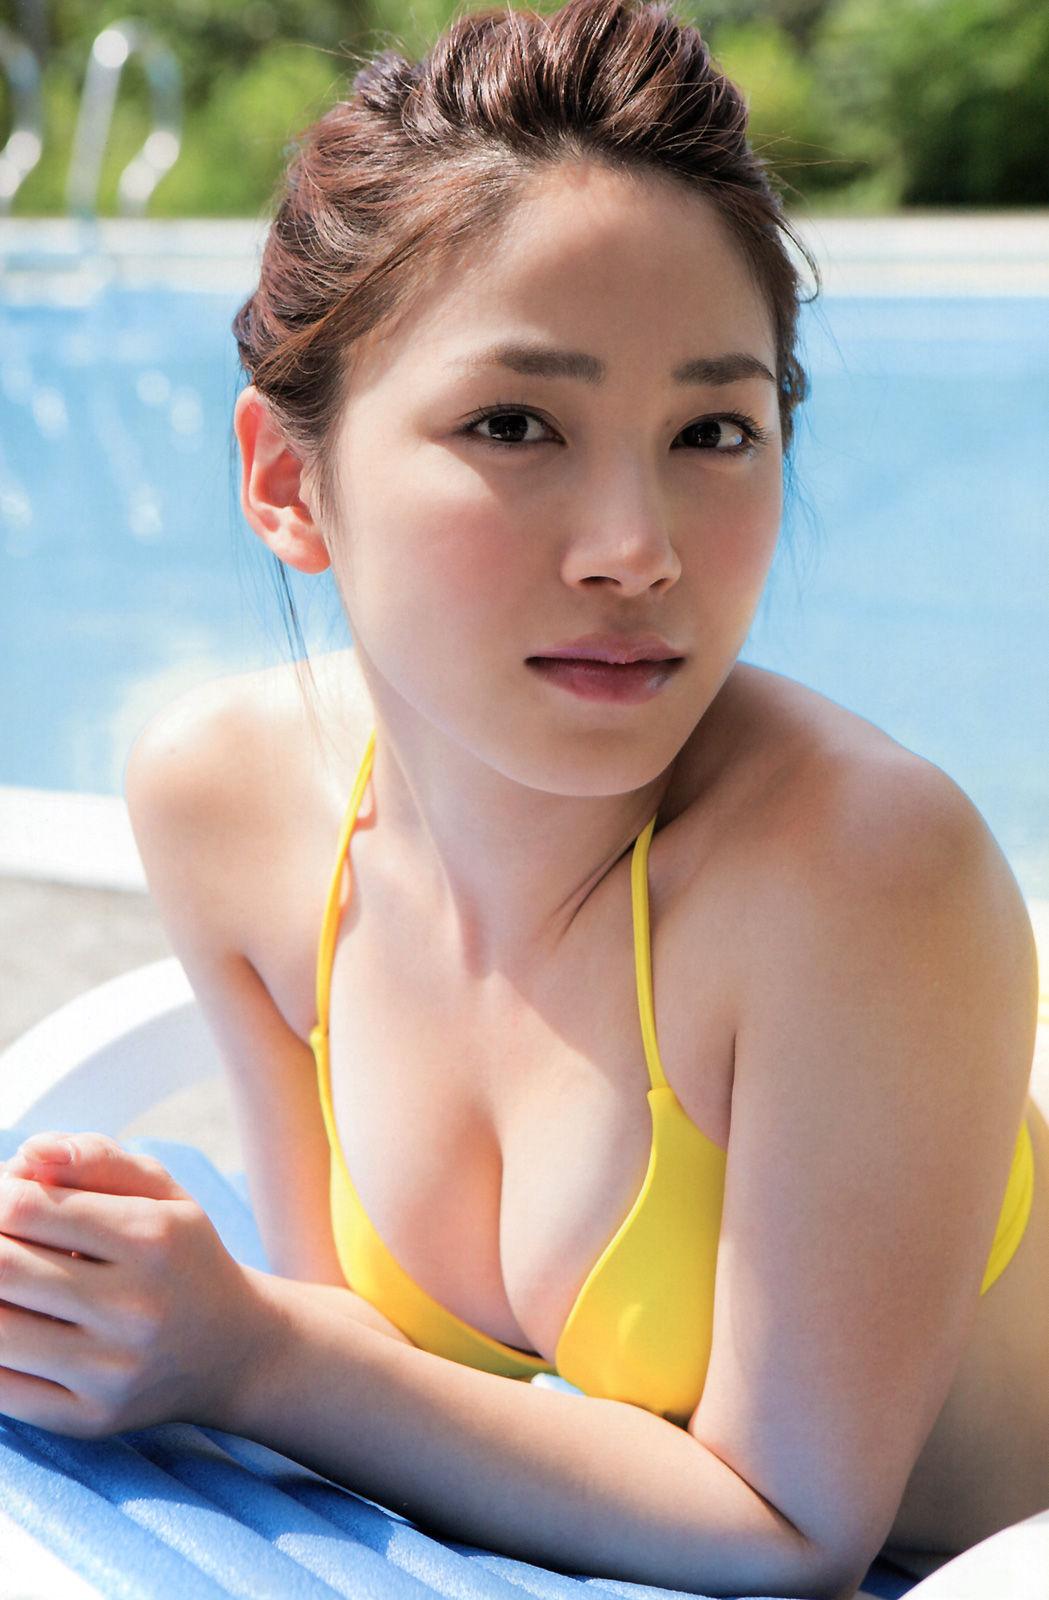 吉川友のムチムチでエロ過ぎる身体のエロ画像5